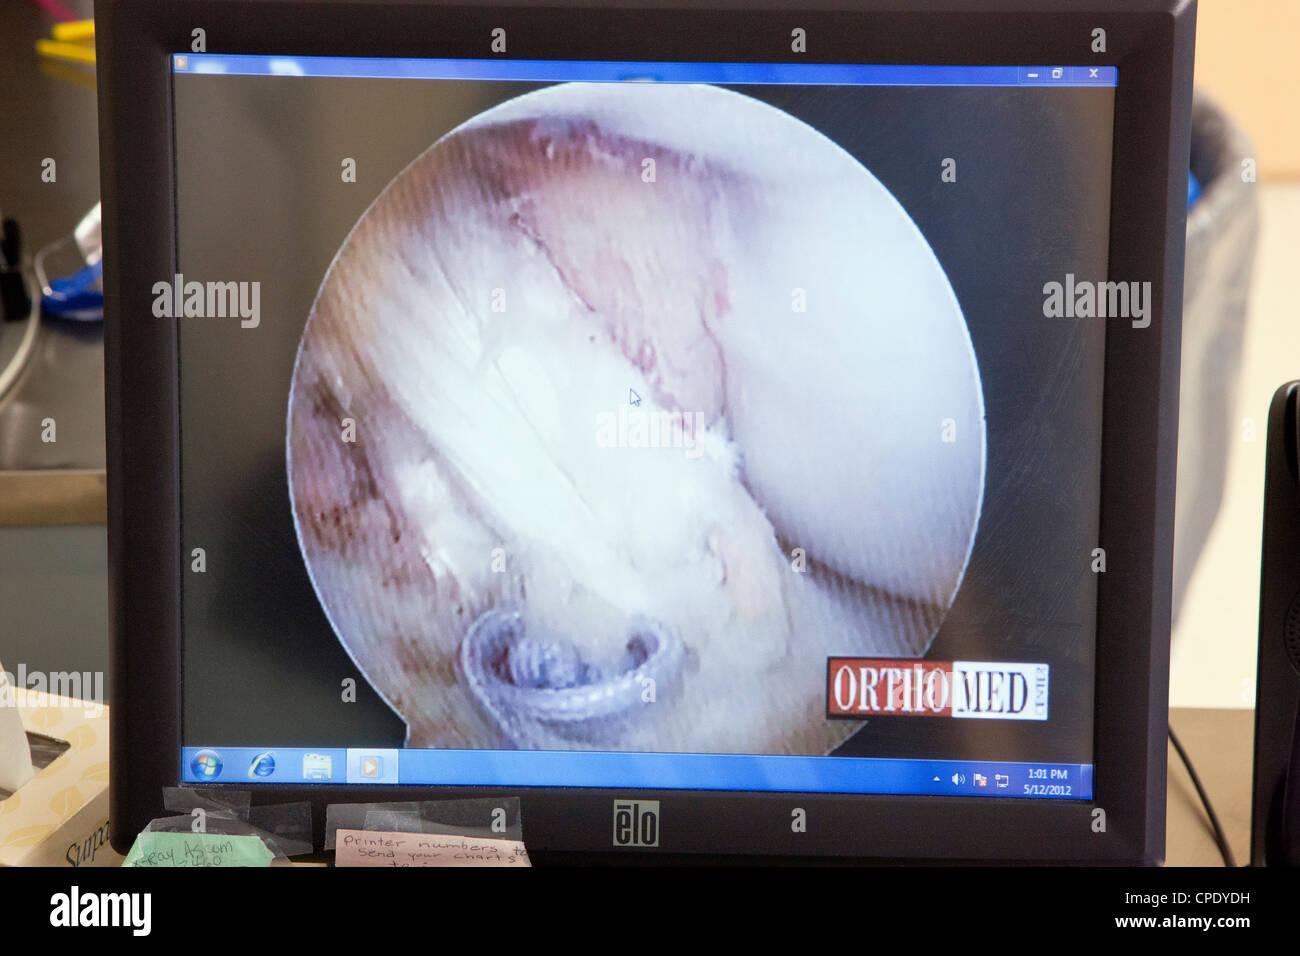 L'arthroscopie du genou affichées sur un moniteur d'ordinateur de la salle d'opération de Photo Stock